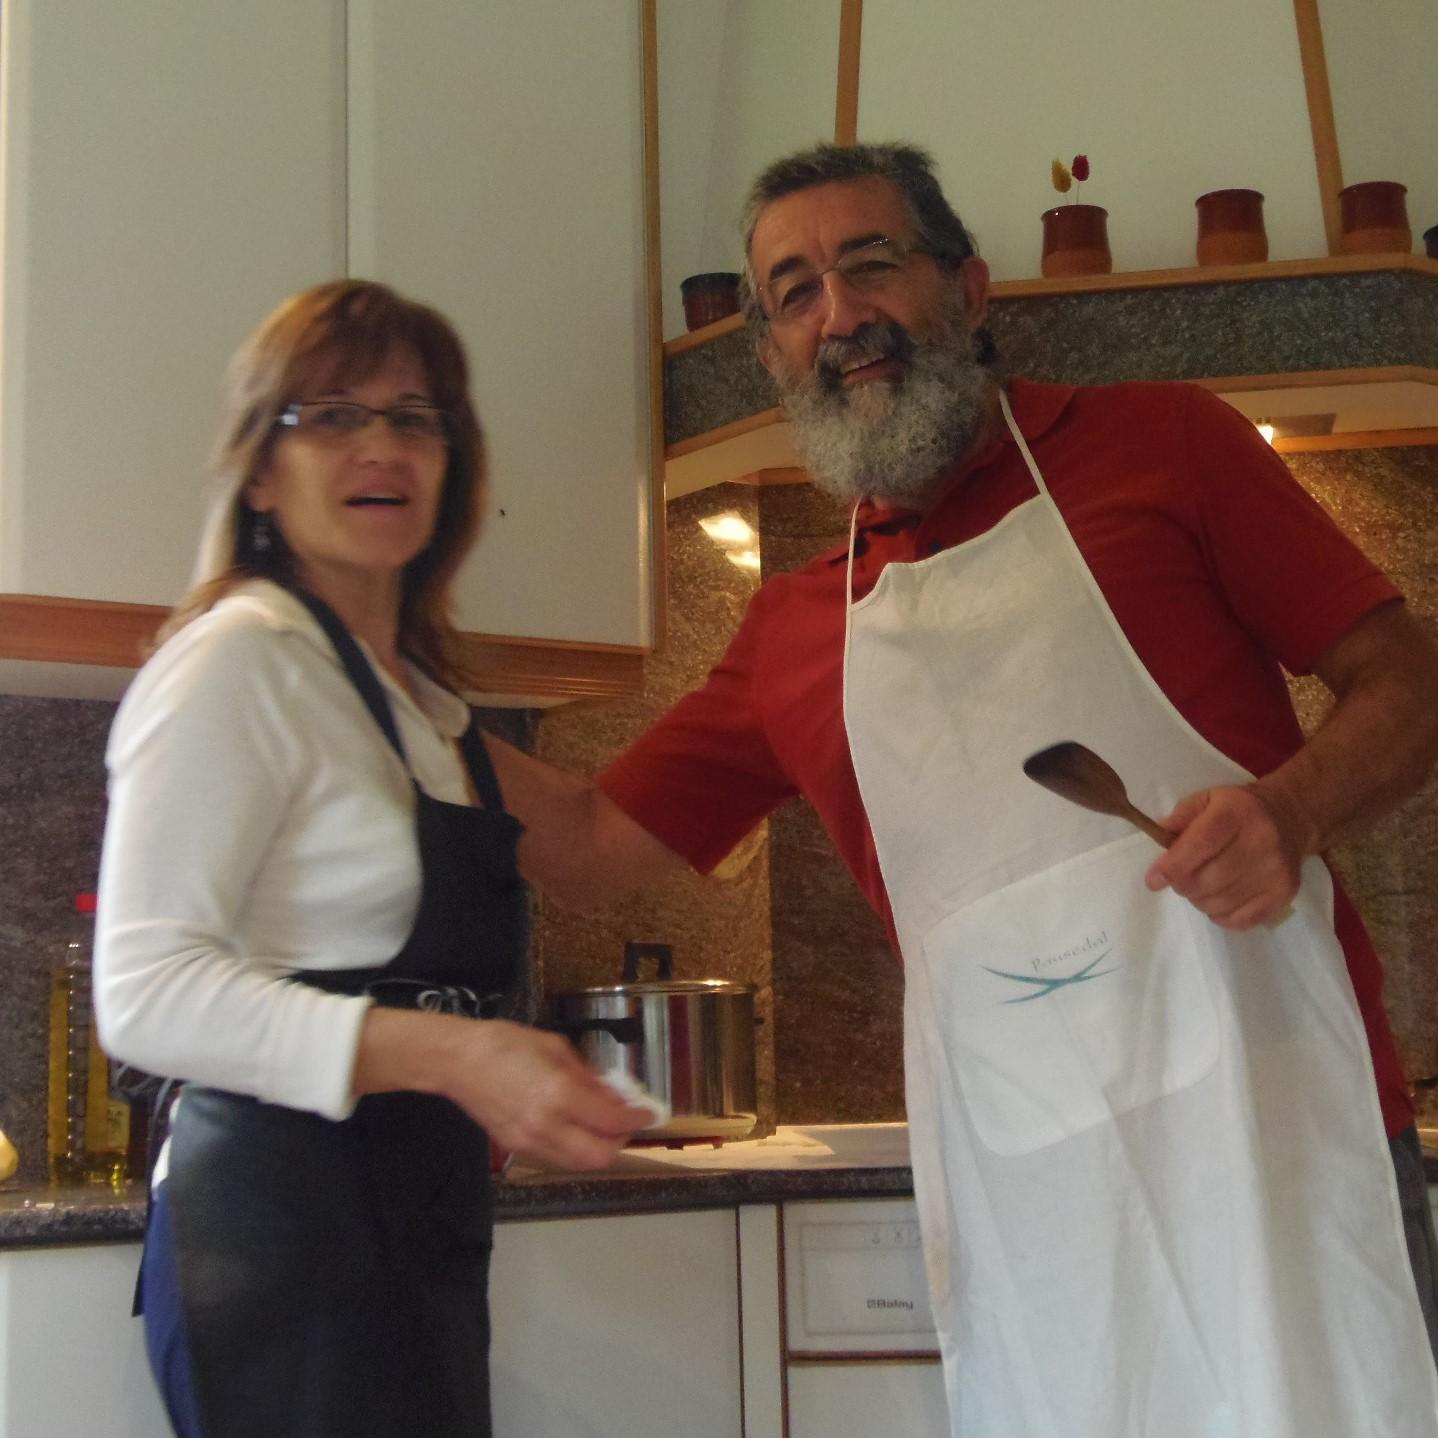 La santa con su ayudante de cocina.